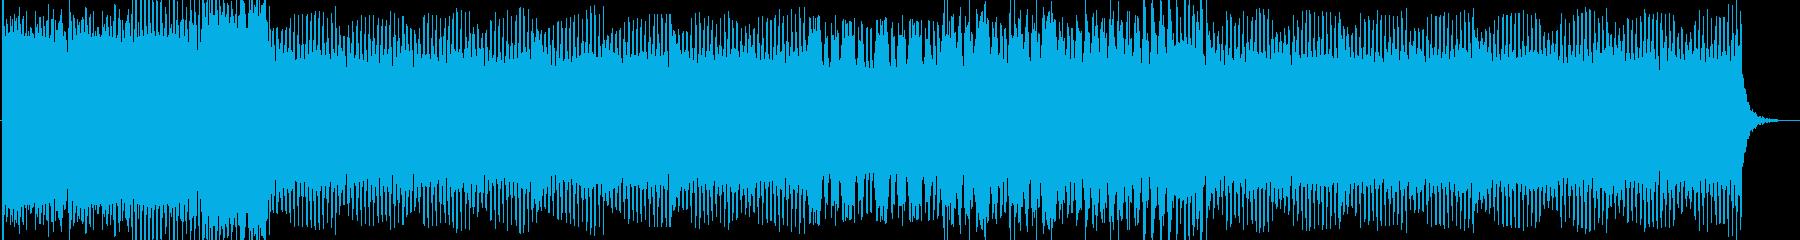 おしゃれでノレる4つ打ちEDMの再生済みの波形